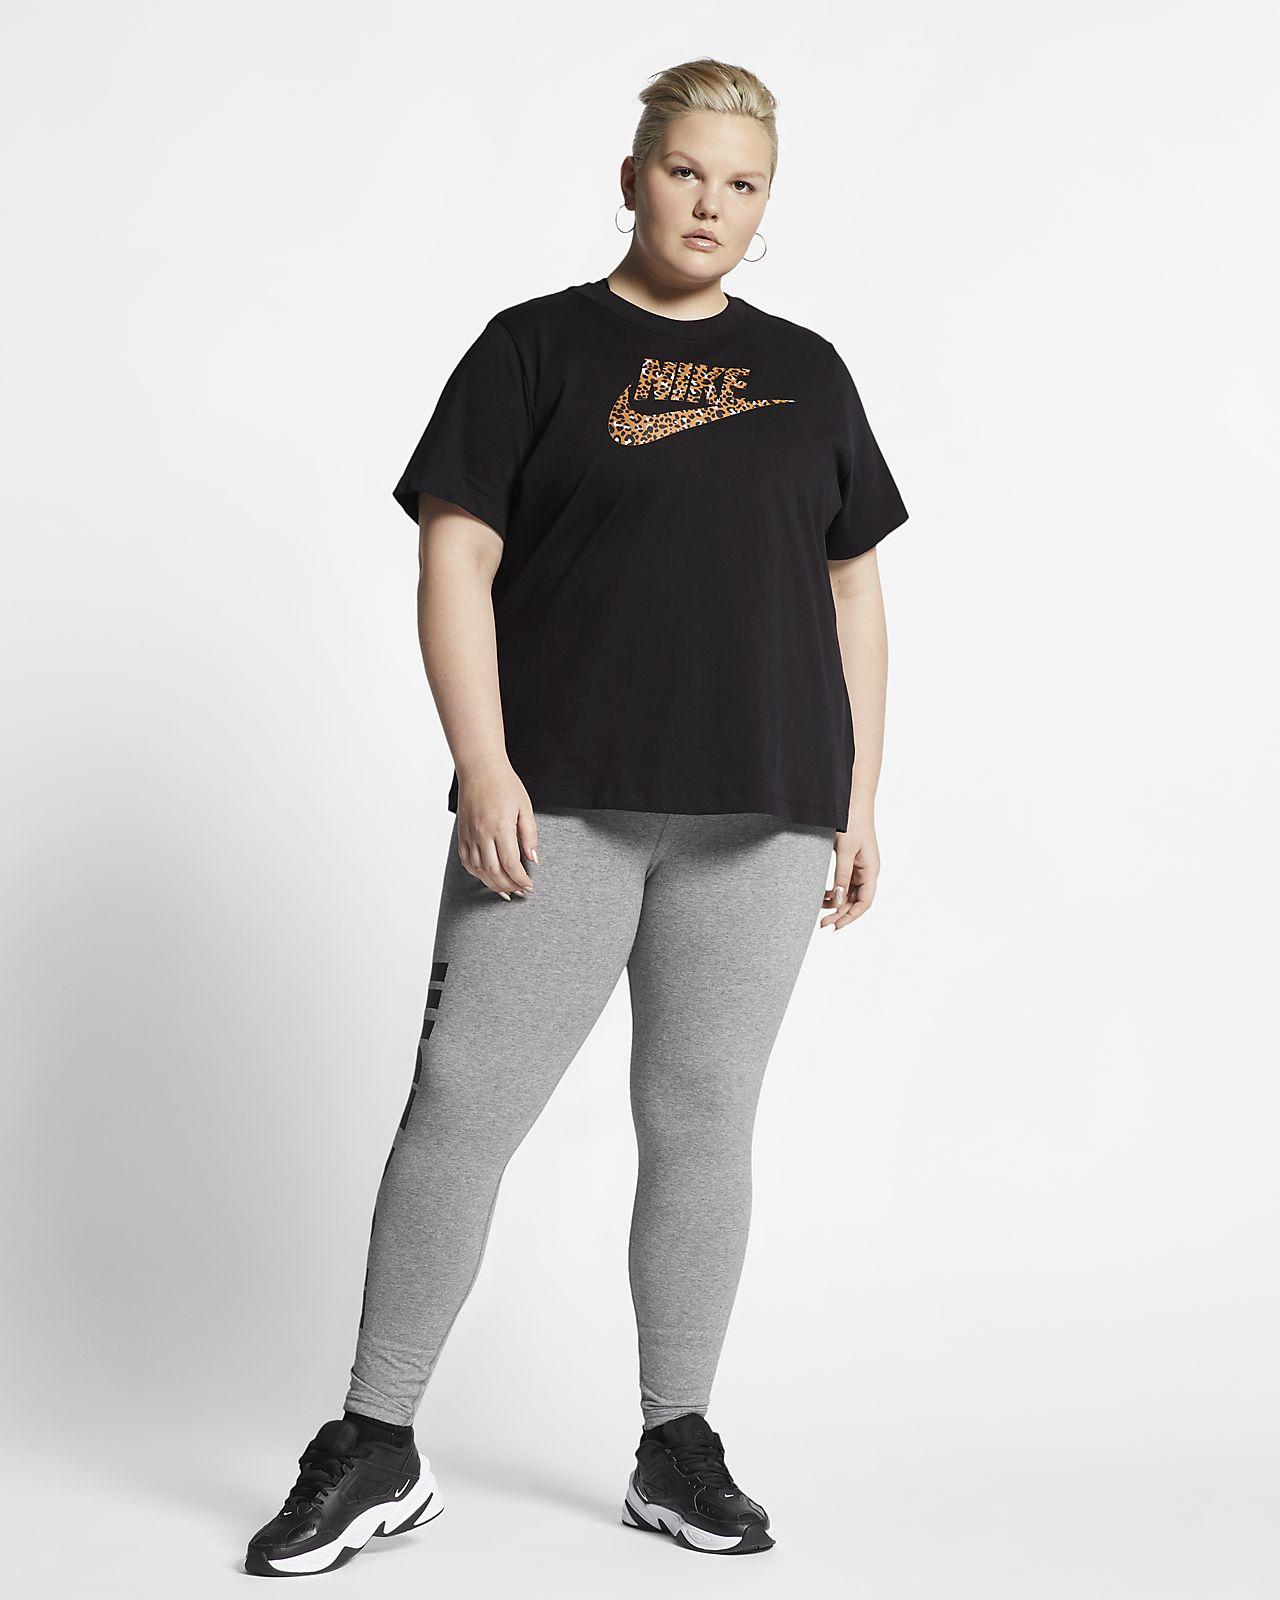 923d654f5a9 Nike Sportswear Animal Print Women s Short-Sleeve Top (Plus Size ...